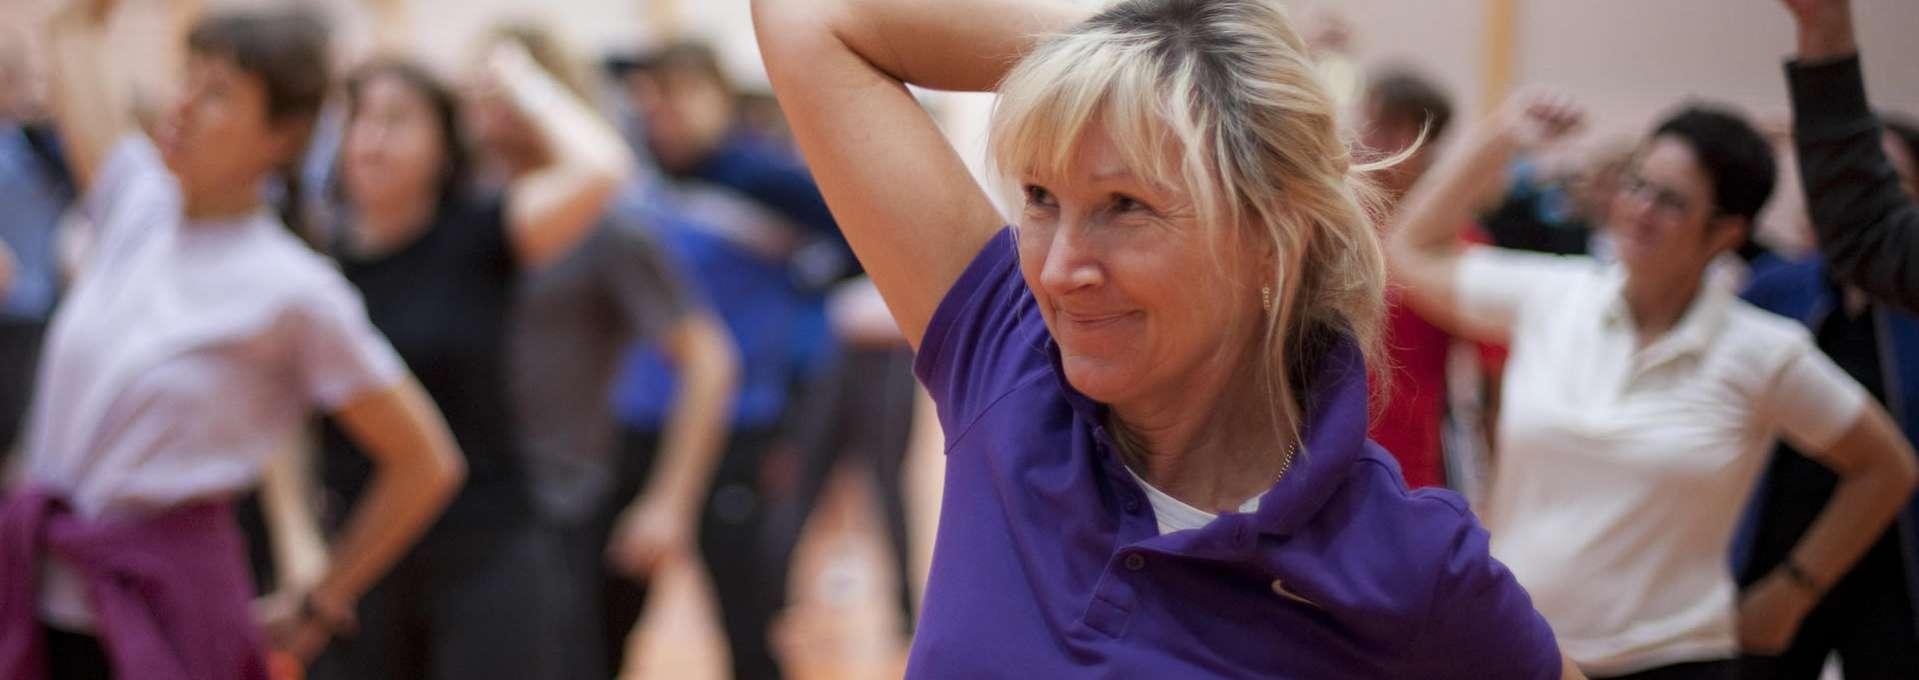 Footerbild Bewegt GESUND bleiben in NRW! Gymnastikgruppe